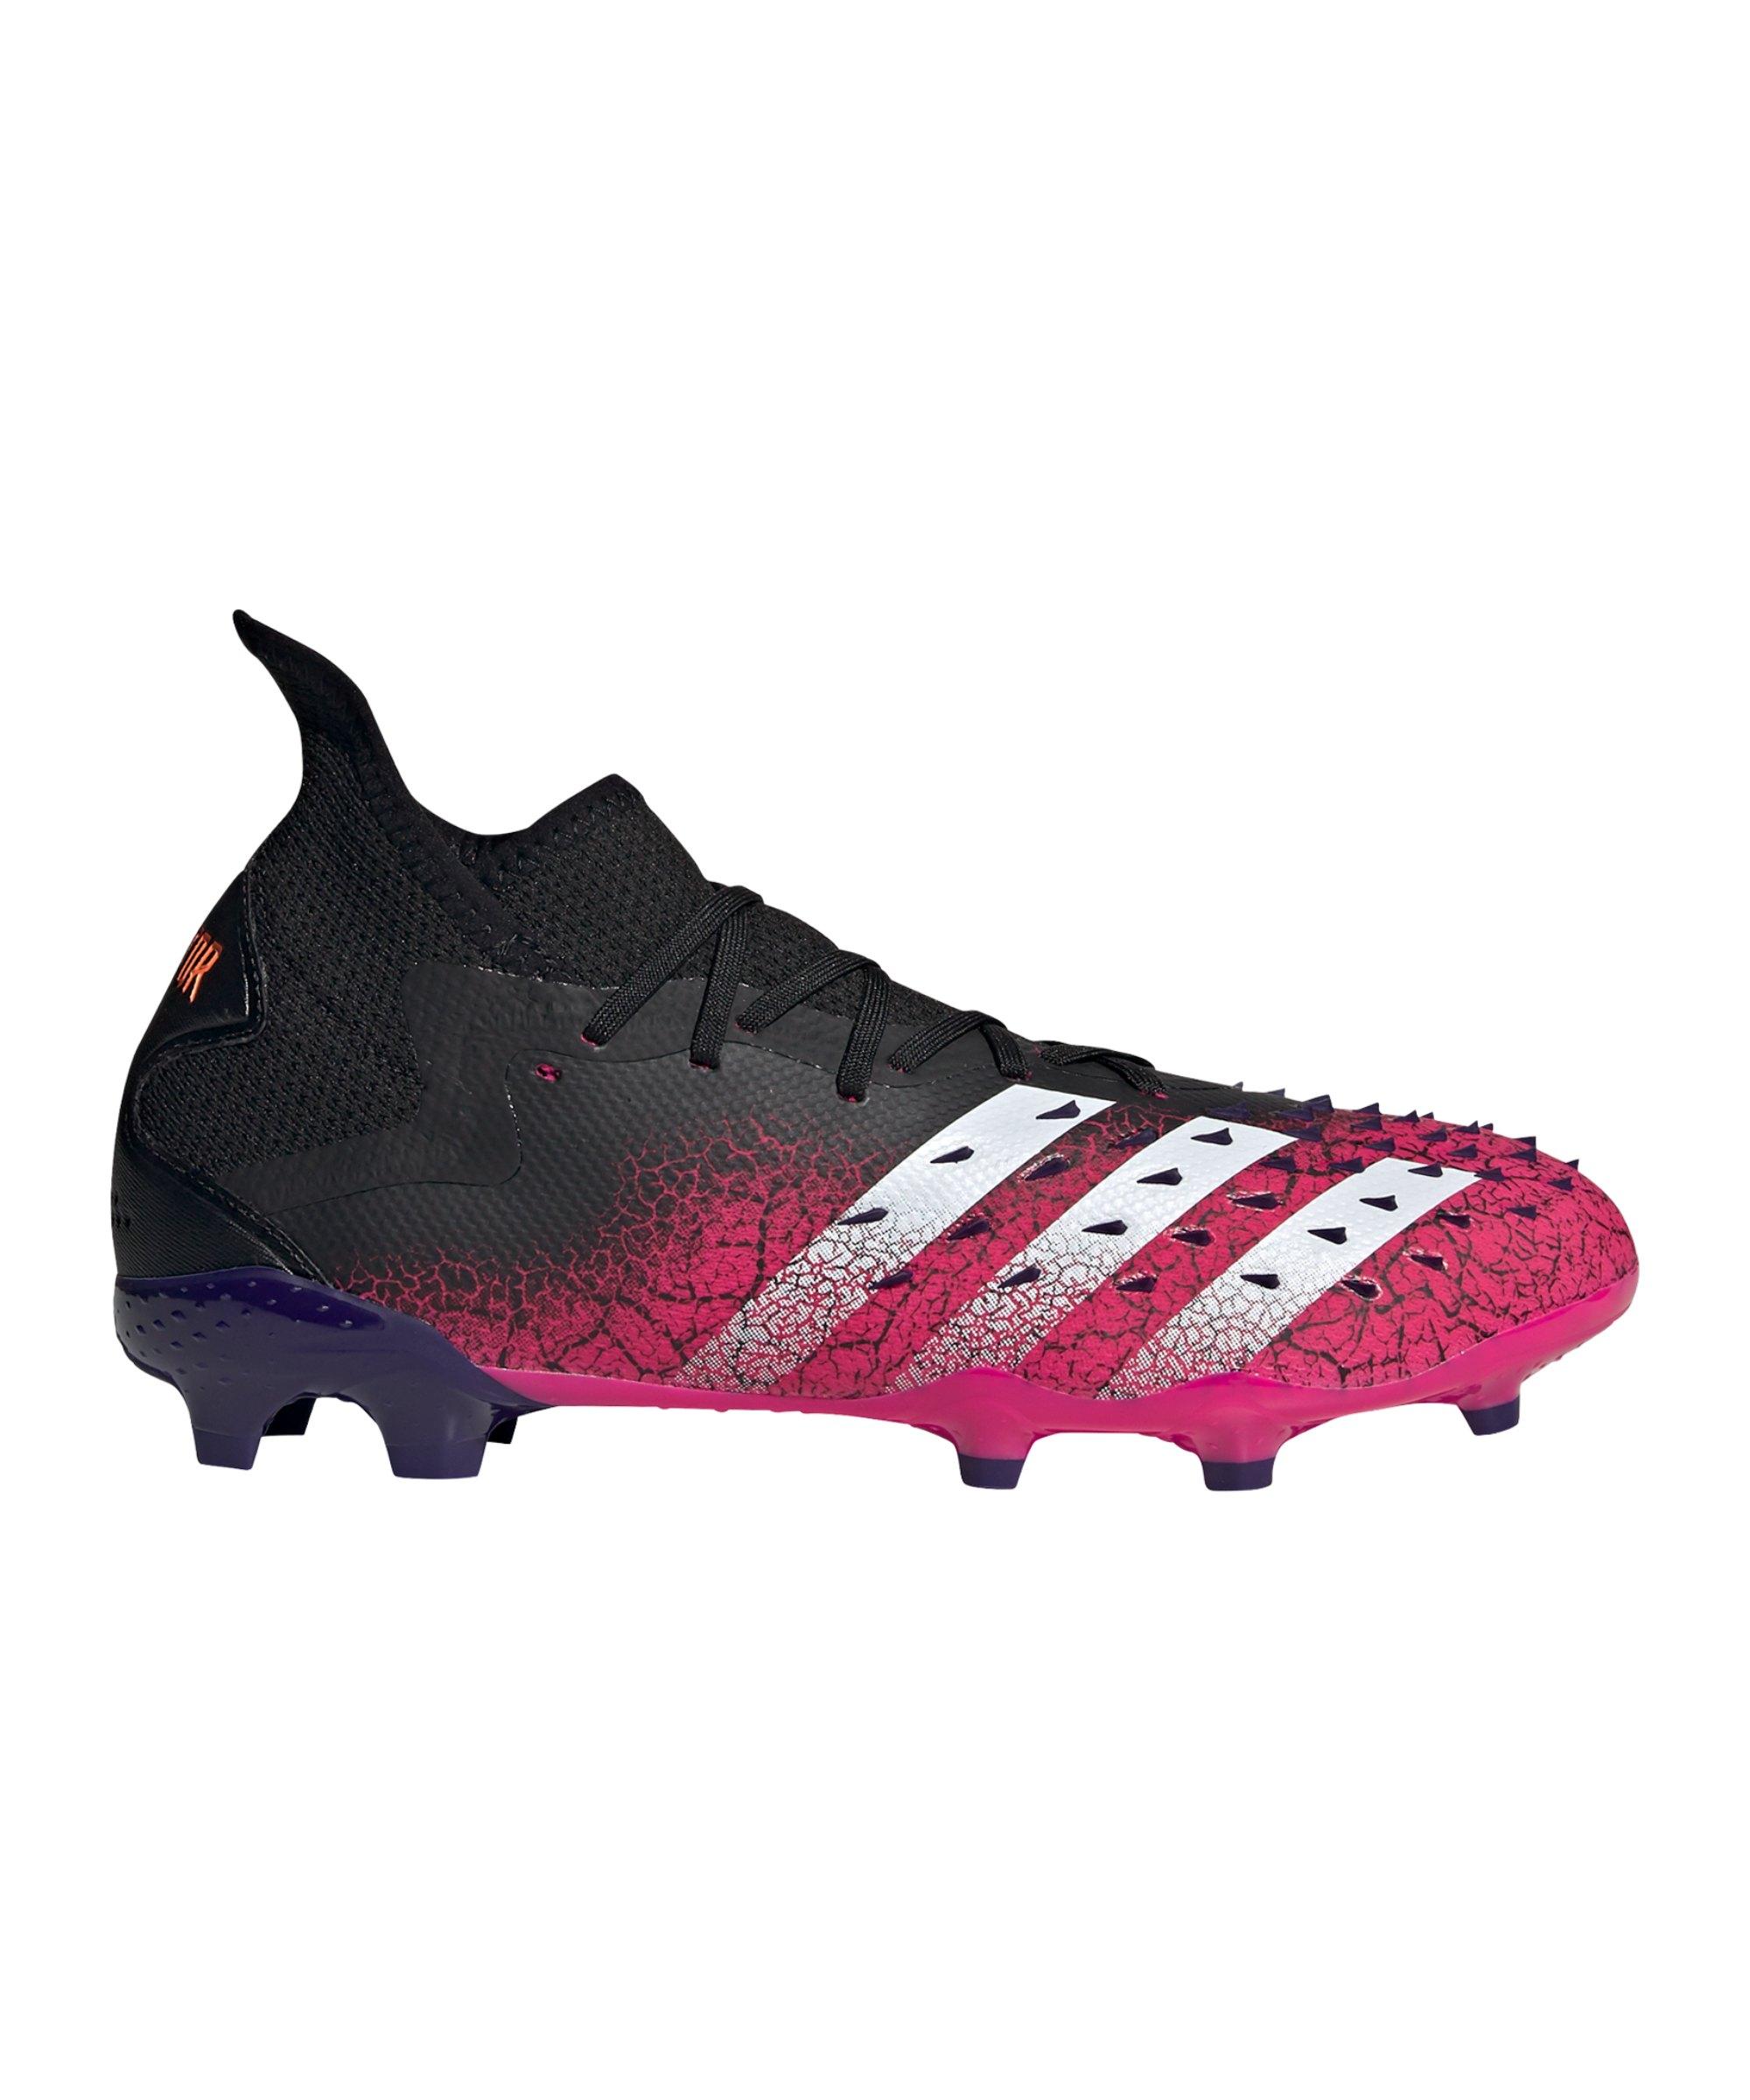 adidas Predator FREAK.2 FG Superspectral Schwarz Weiss Pink - schwarz